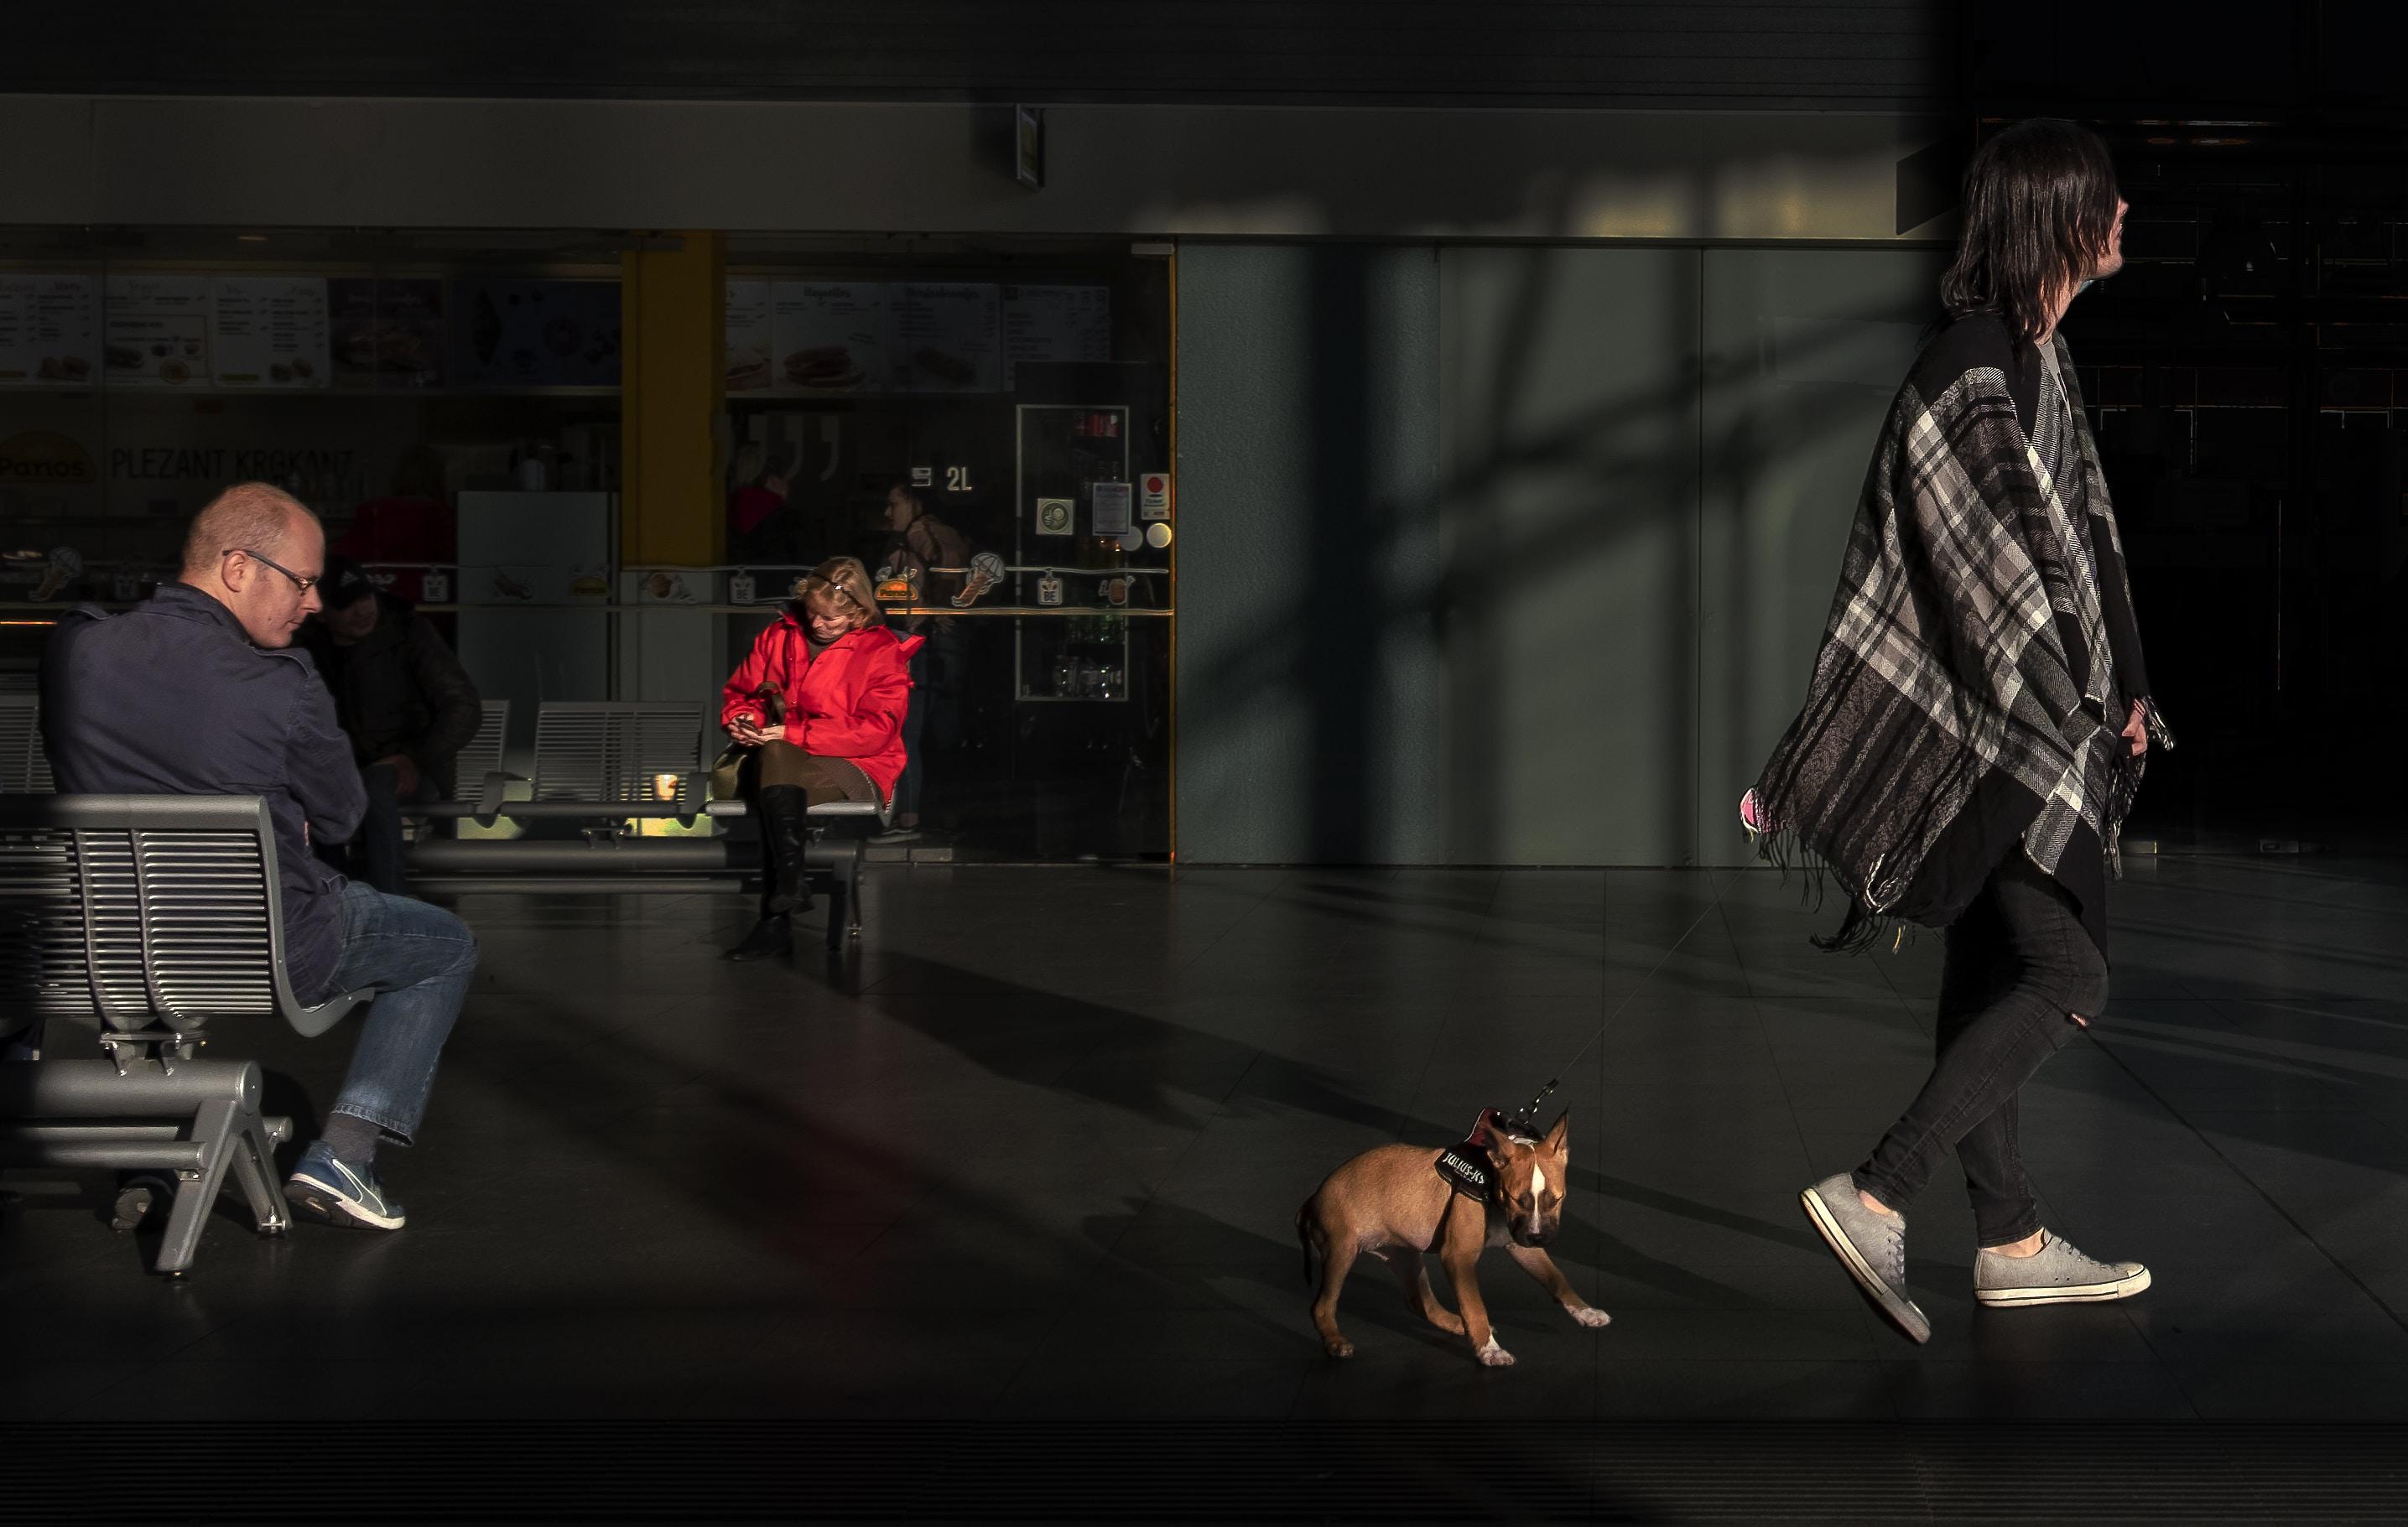 brown dog walking behind woman